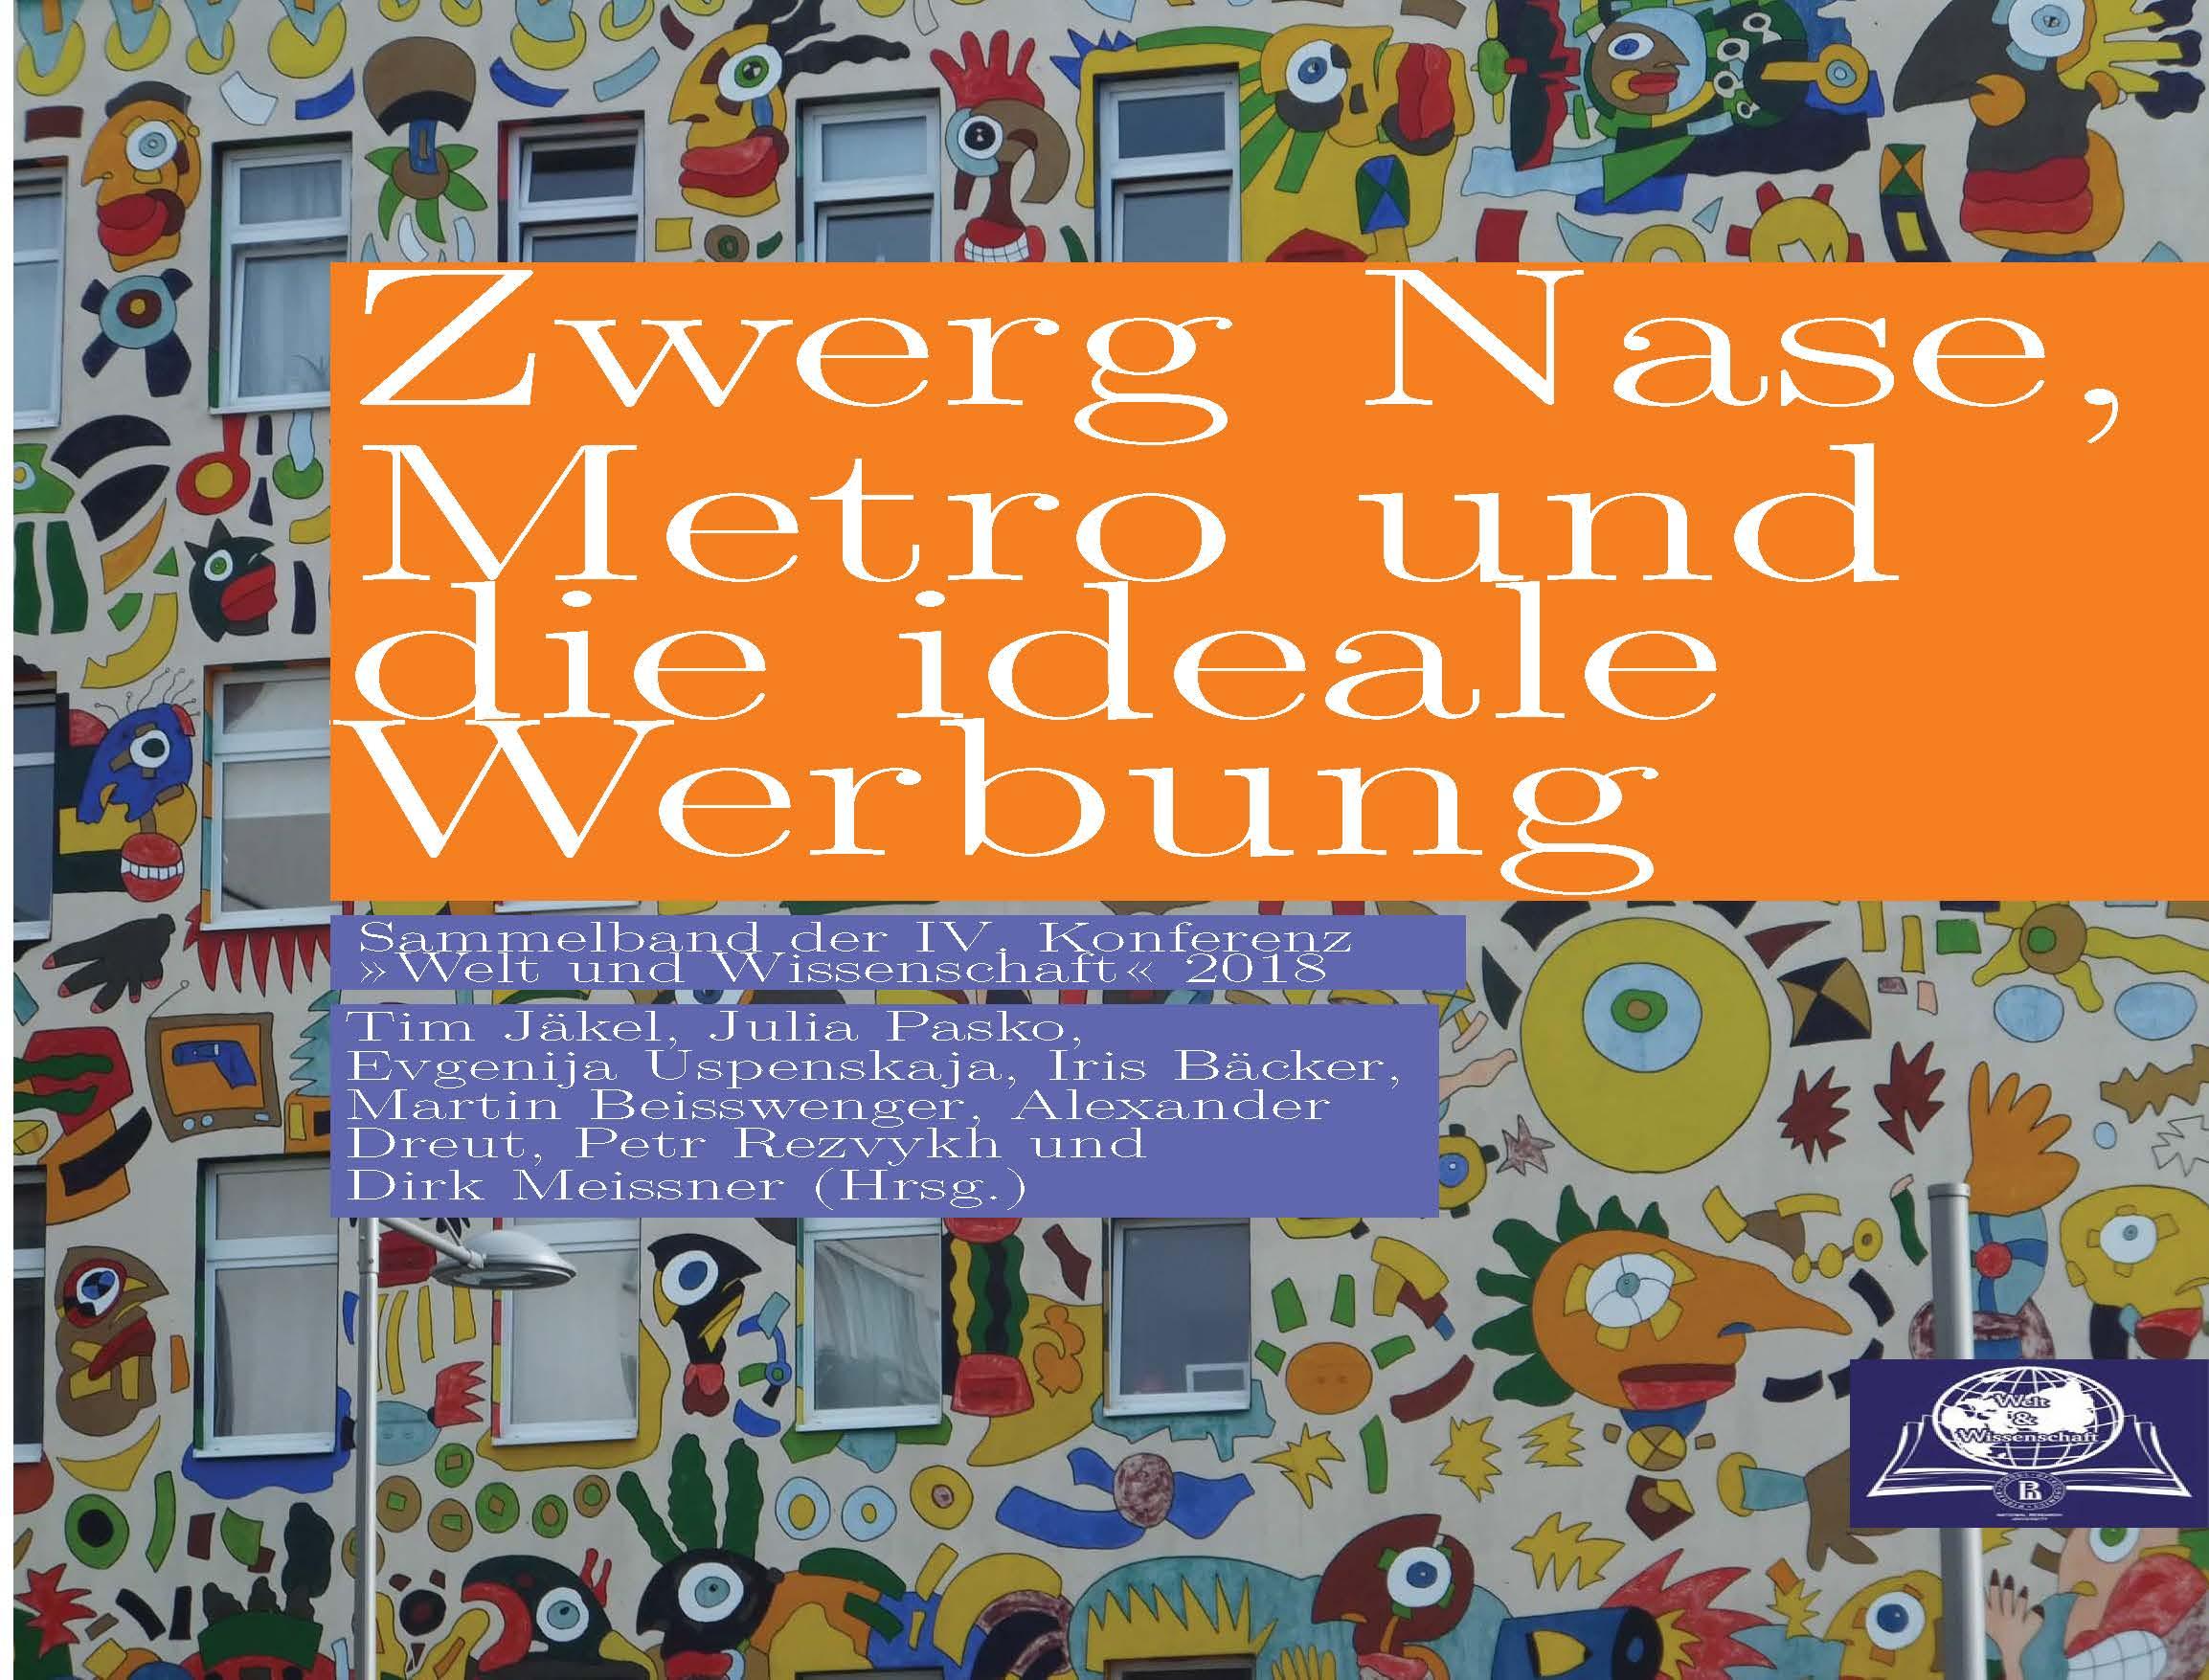 Zwerg Nase, Metro und die ideale Werbung